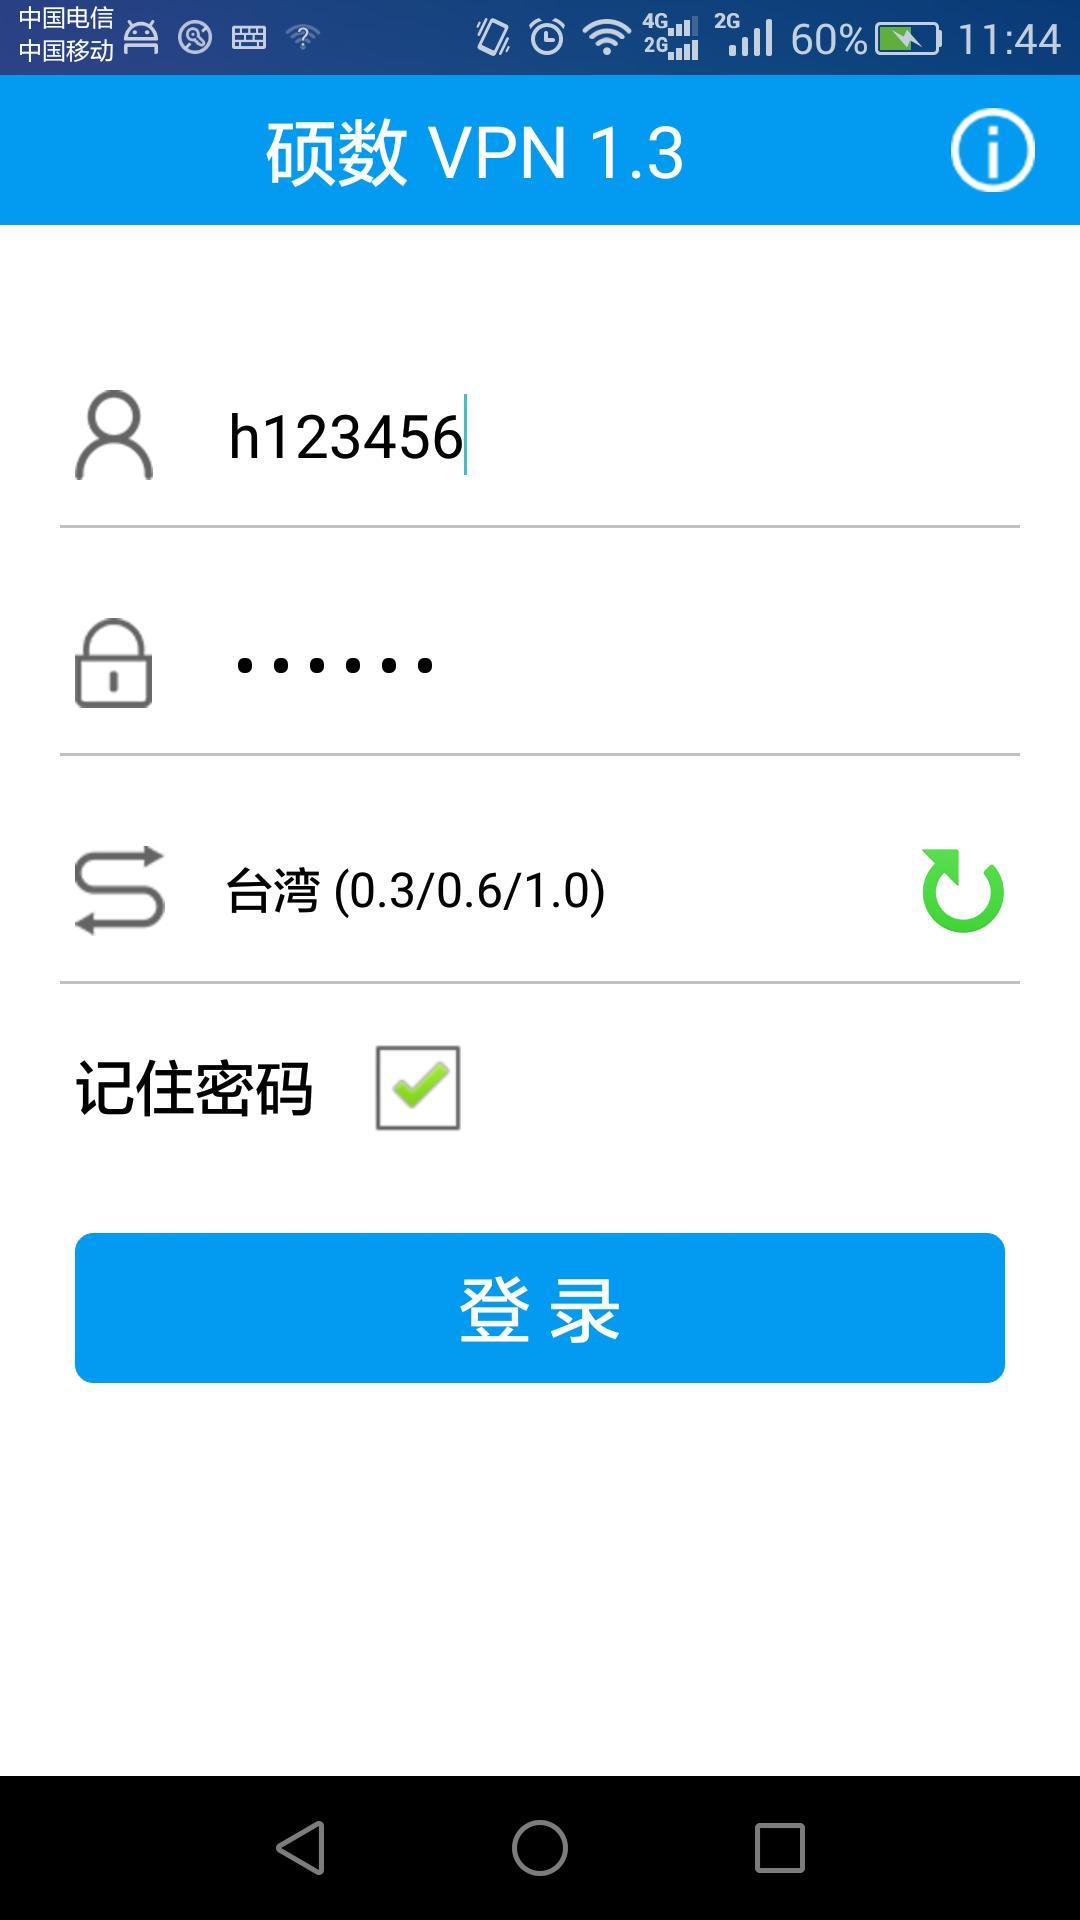 硕数VPN for Android - APK Download